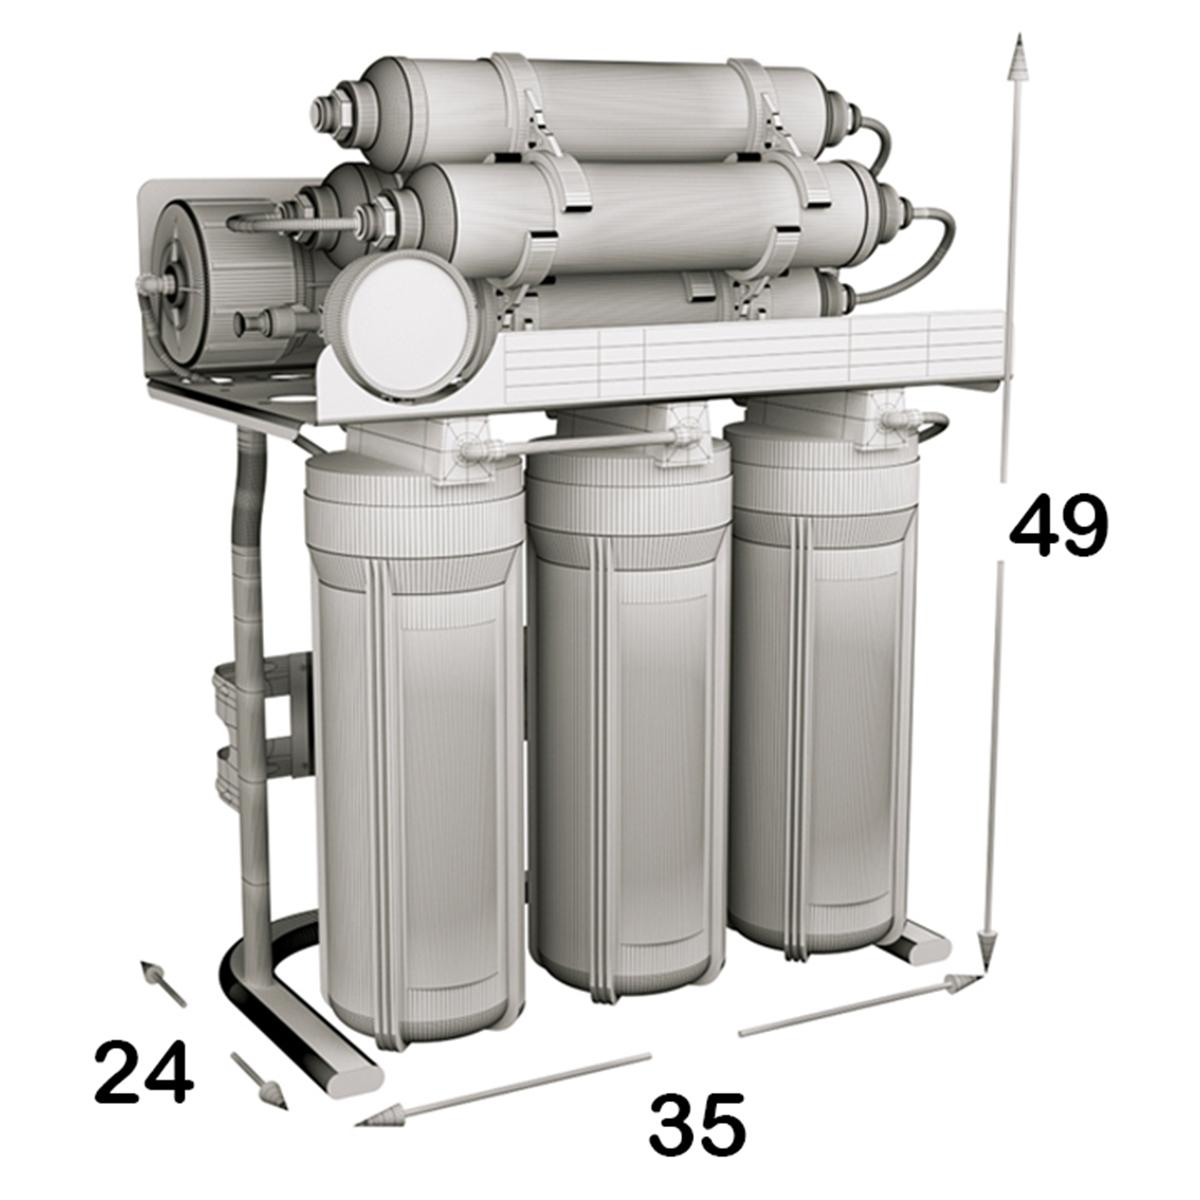 دستگاه تصفیه کننده آب اس اس وی مدل MaxTec 2W X800